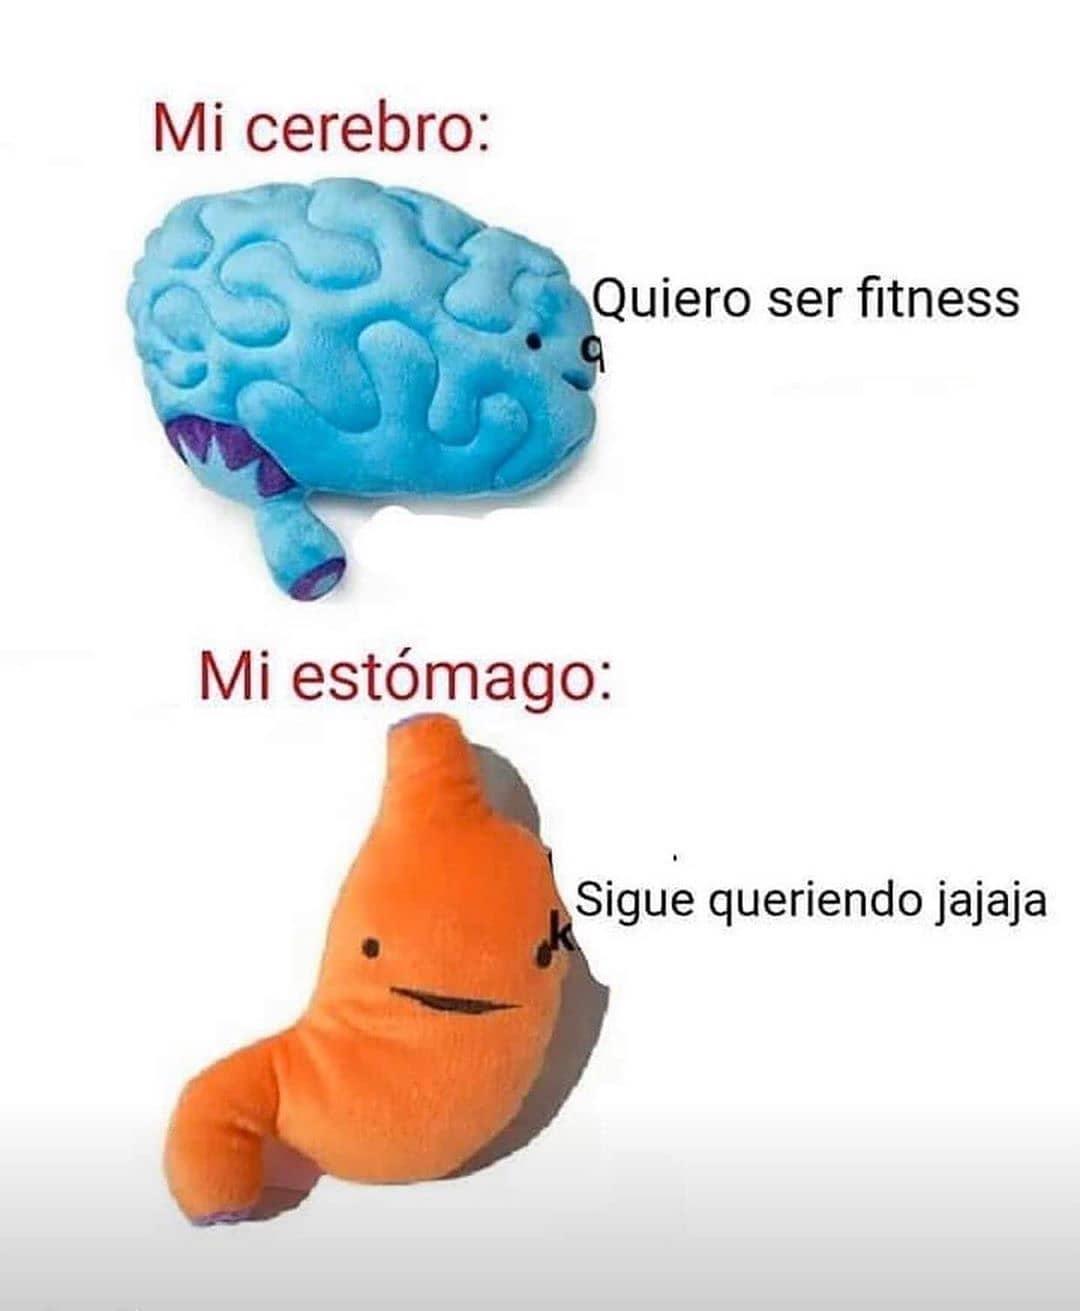 Mi cerebro: Quiero ser fitness.  Mi estómago: Sigue queriendo jajaja.